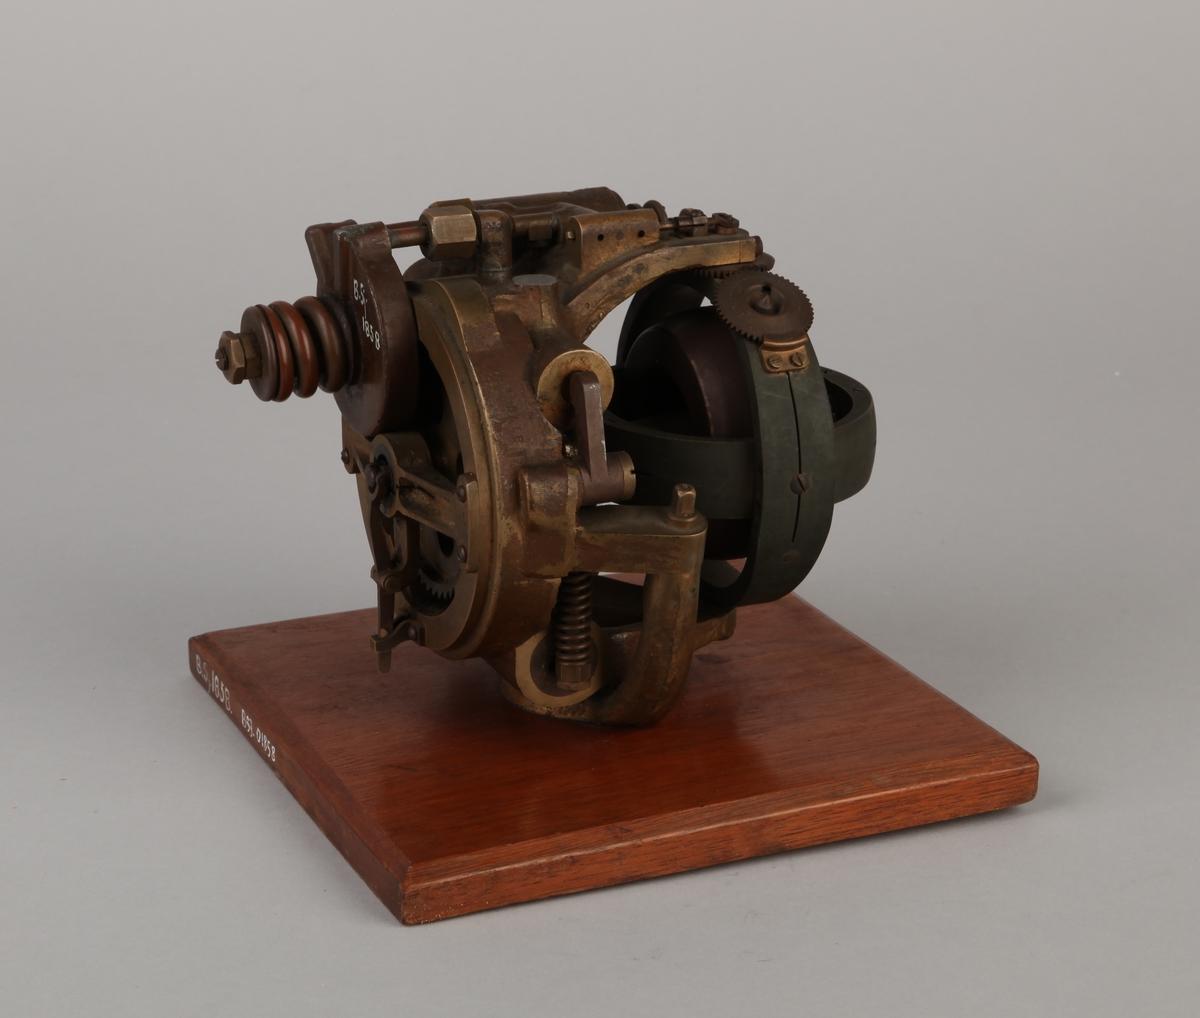 Styreinnretning bestående av tannhjul, runde metalldeler, hjullager mm.  montert på treplate. Fra krigen 1939-1945.